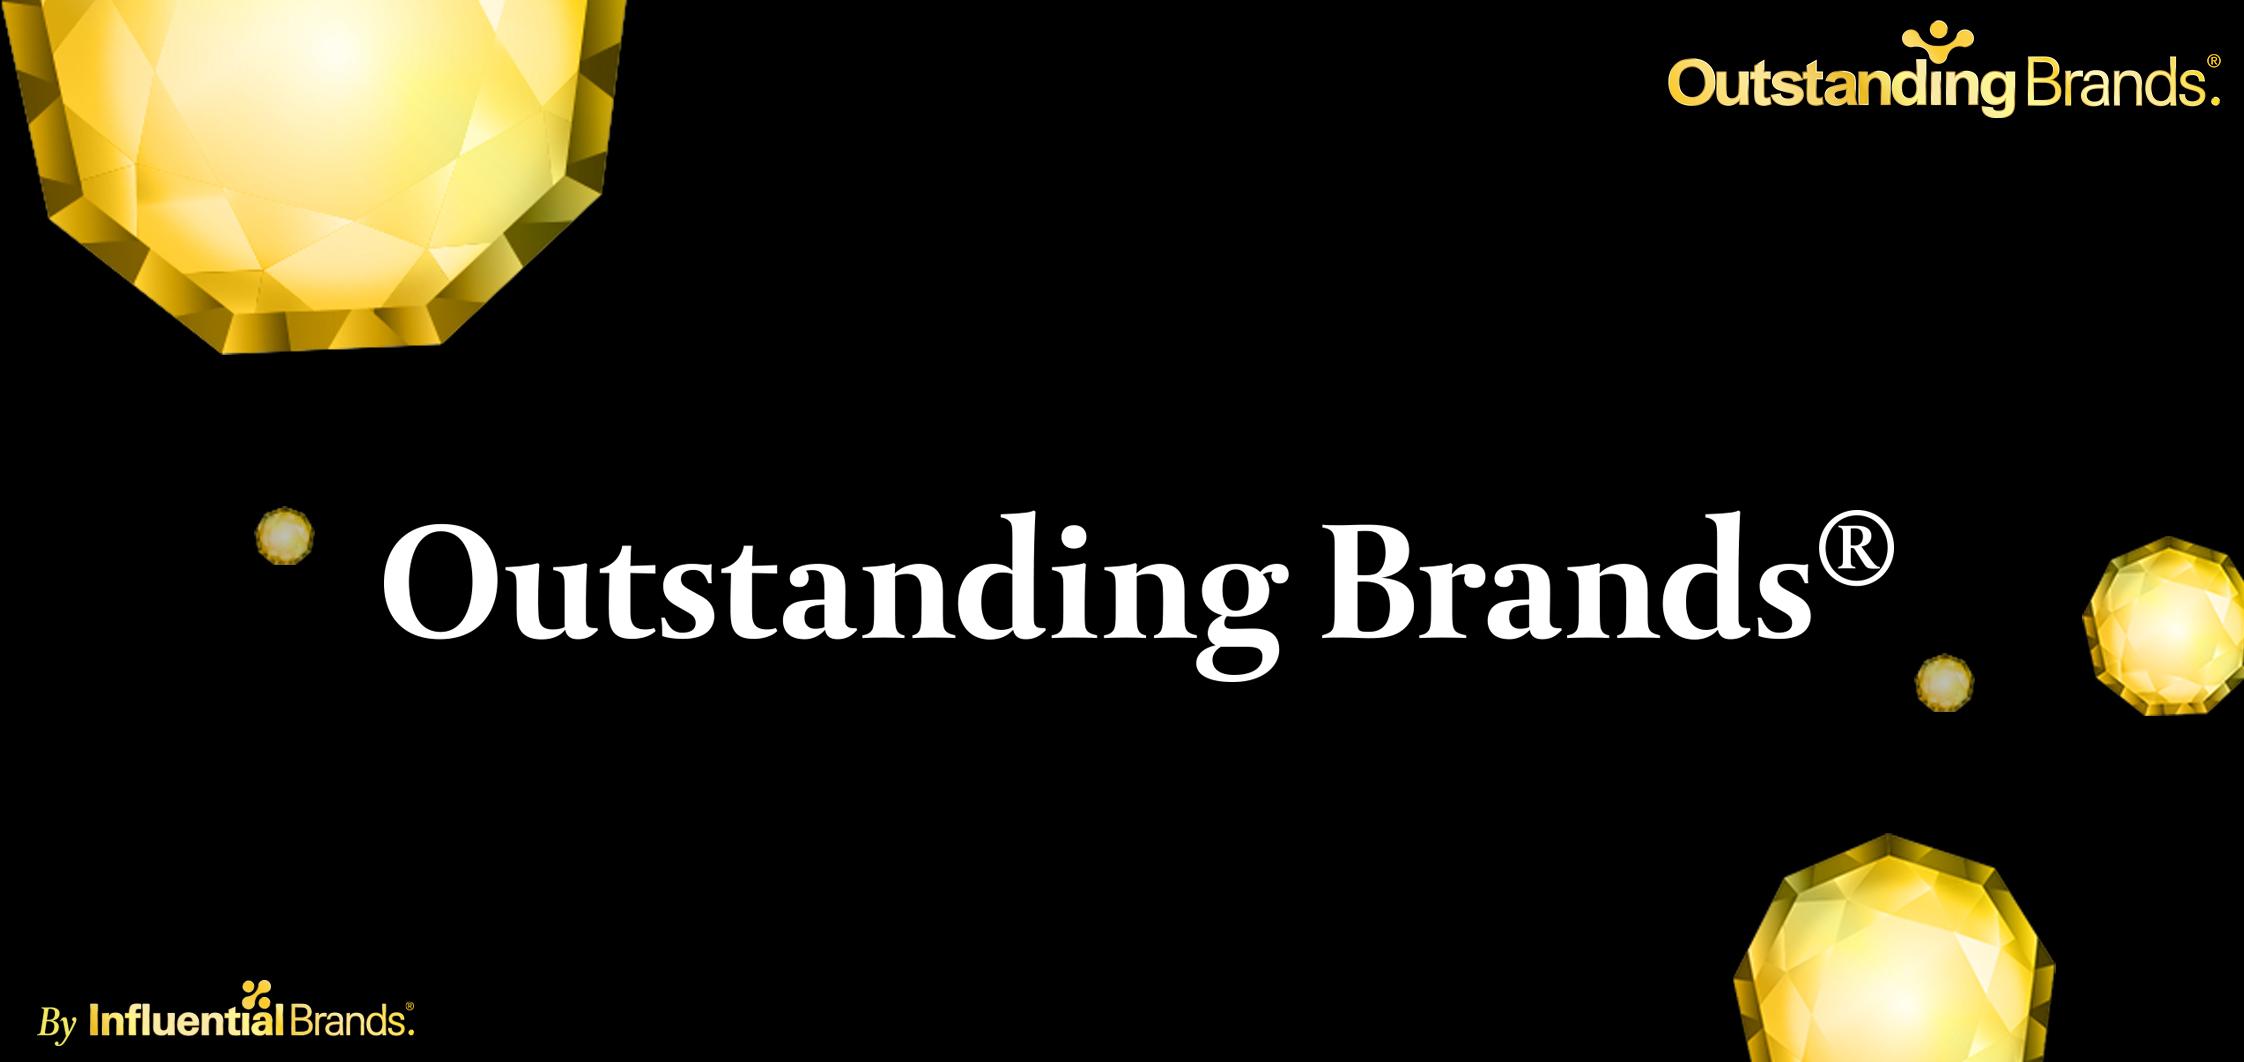 outstanding brands slide-5